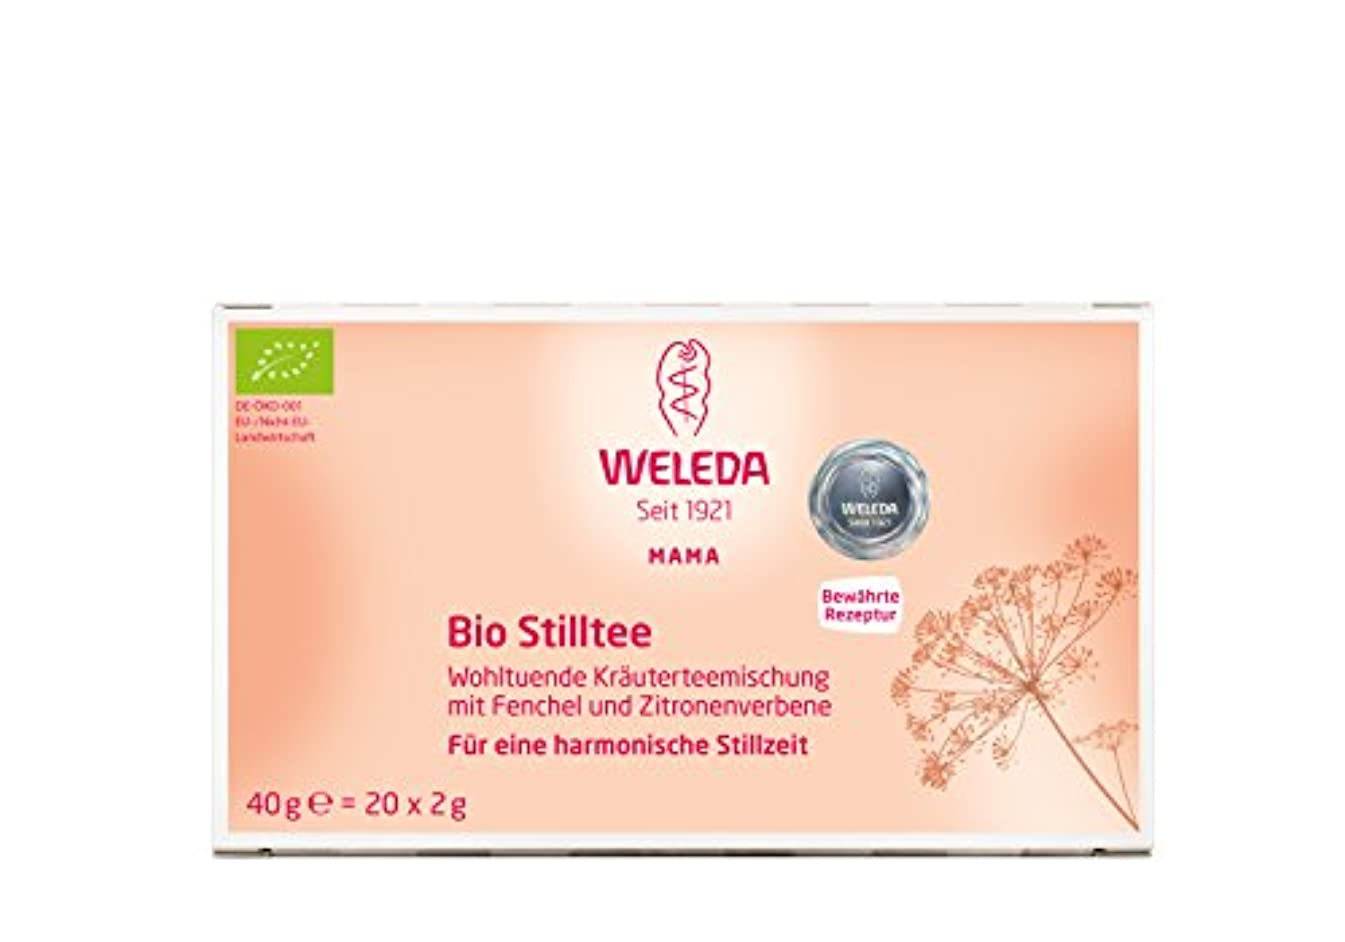 不正確近々高度WELEDA(ヴェレダ) マザーズティー 40g (2g×20包) 【ハーブティー?授乳期のママに?水分補給やリラックスしたいときに】